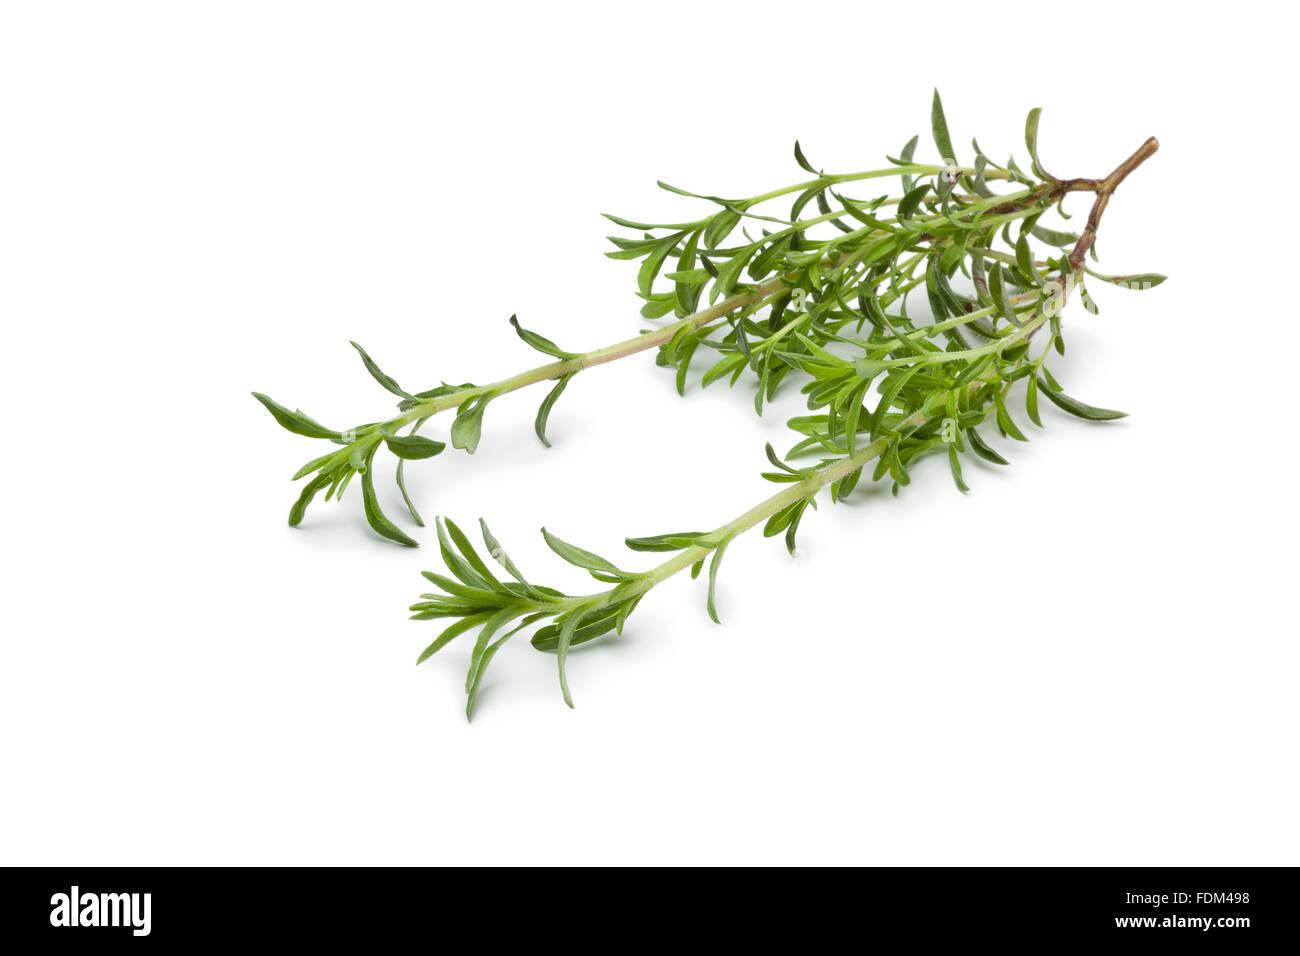 Frischen Zweig der Winterbohnenkraut auf weißem Hintergrund Stockbild